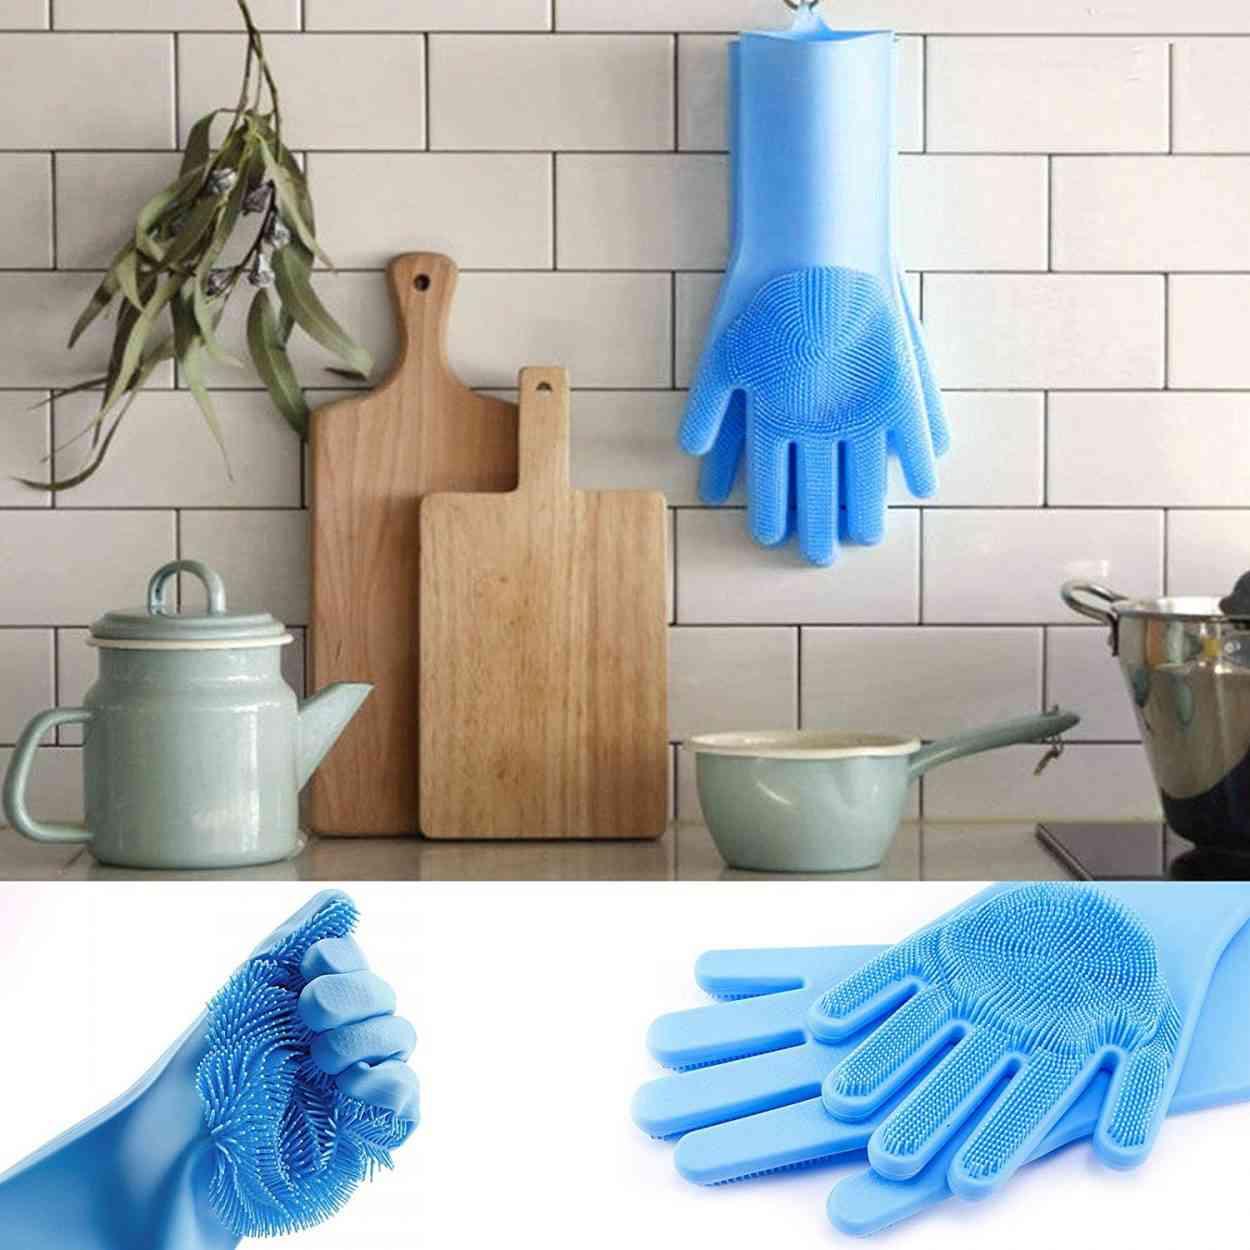 Ces gants à picots donneraient presque envie de faire les corvées ménagères, presque...